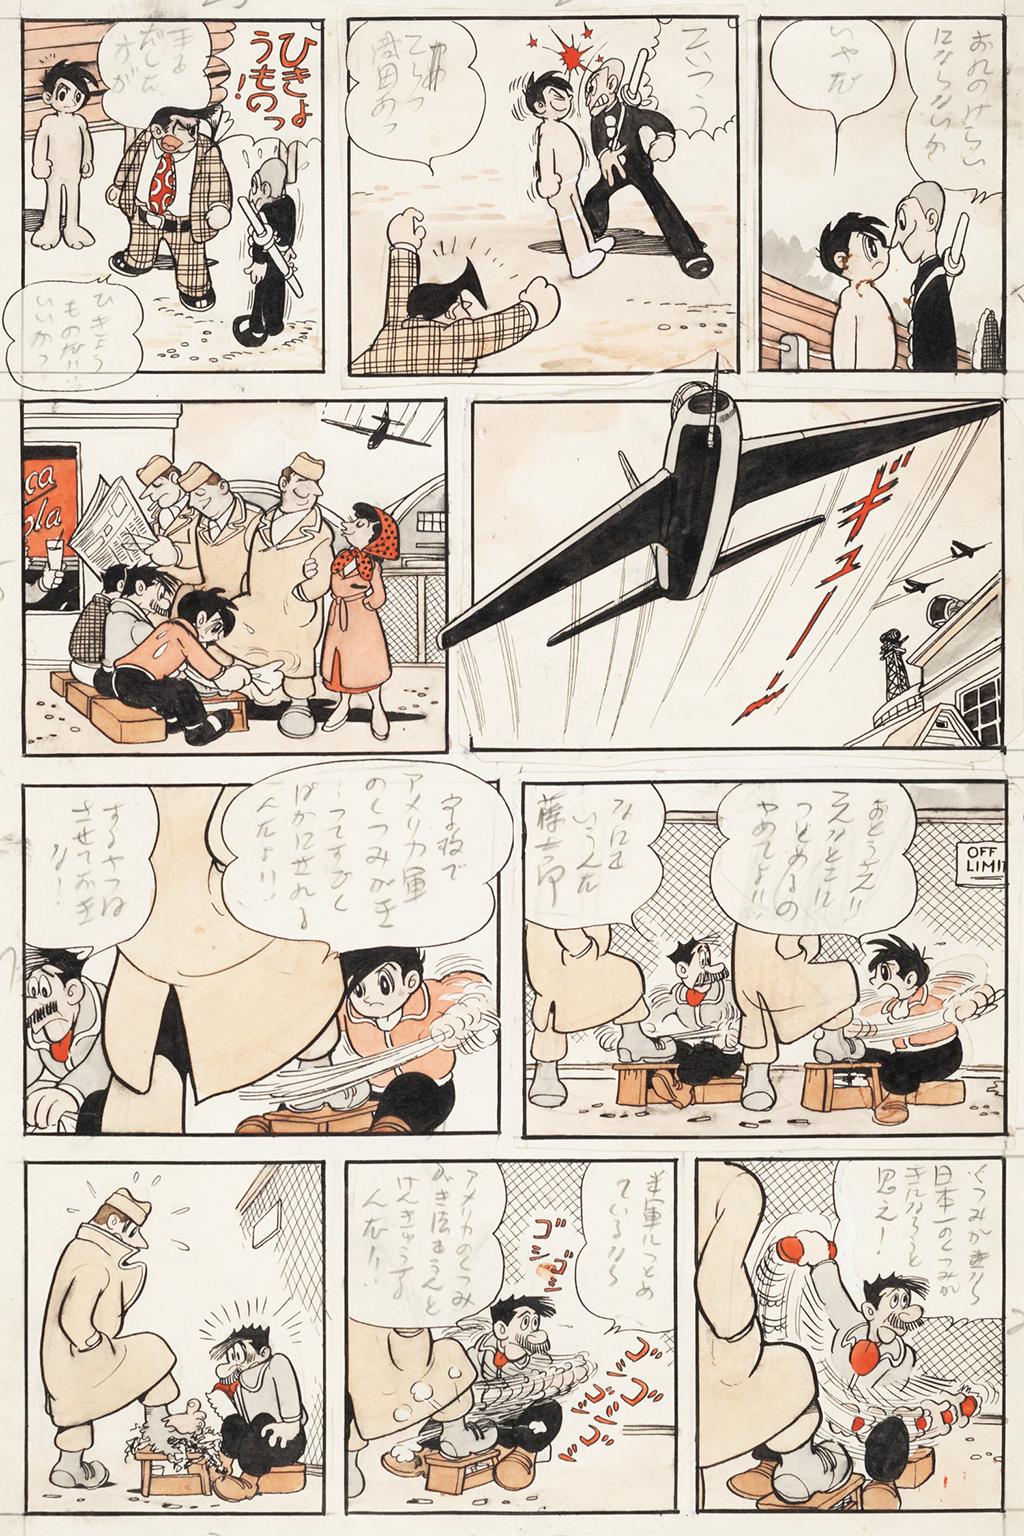 Unpublished original drawing by Osamu Tezuka